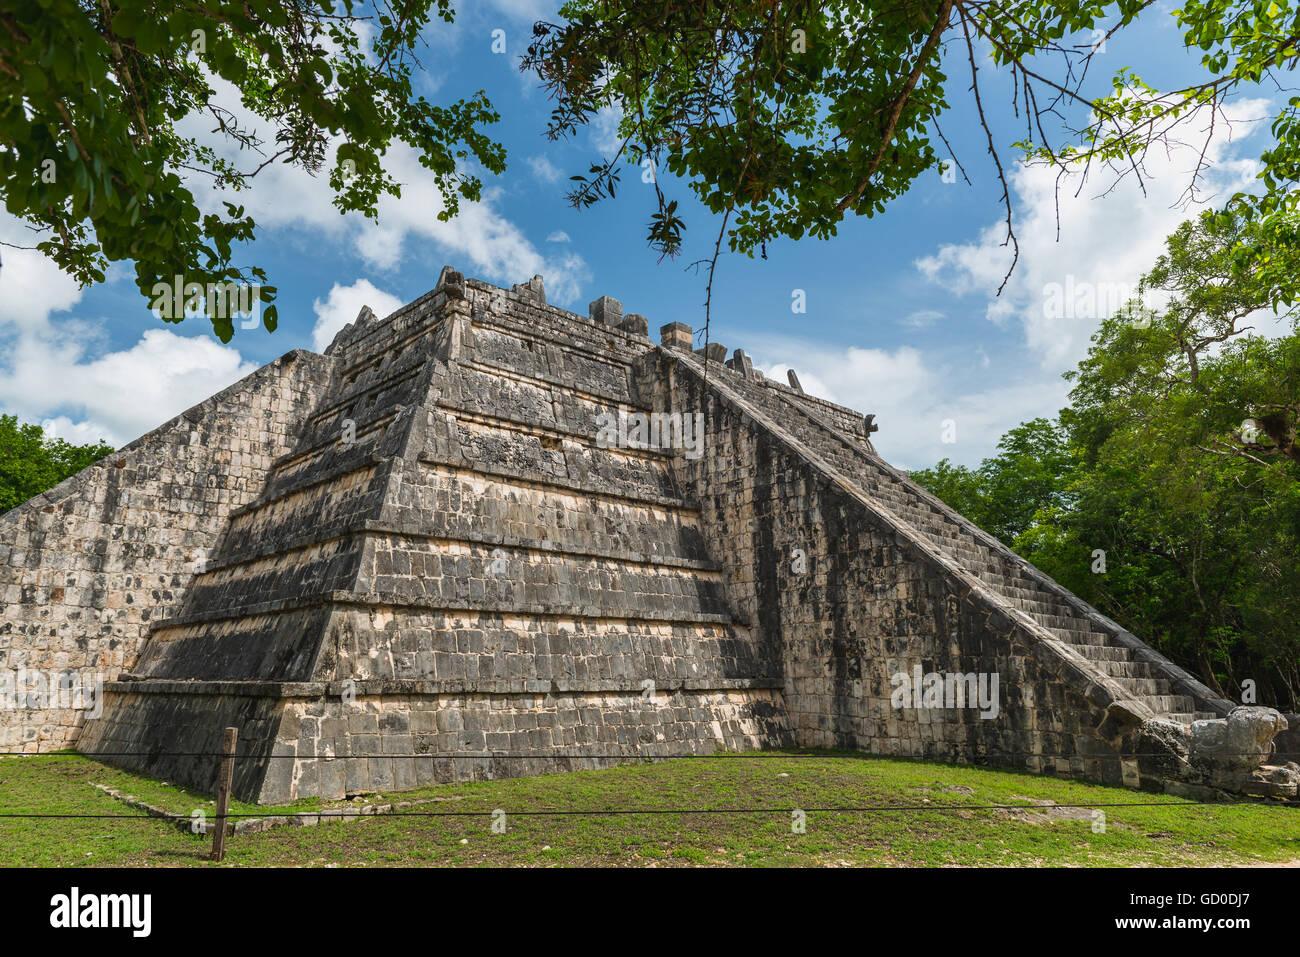 Las antiguas pirámides mayas en Chichén Itzá, México. Imagen De Stock